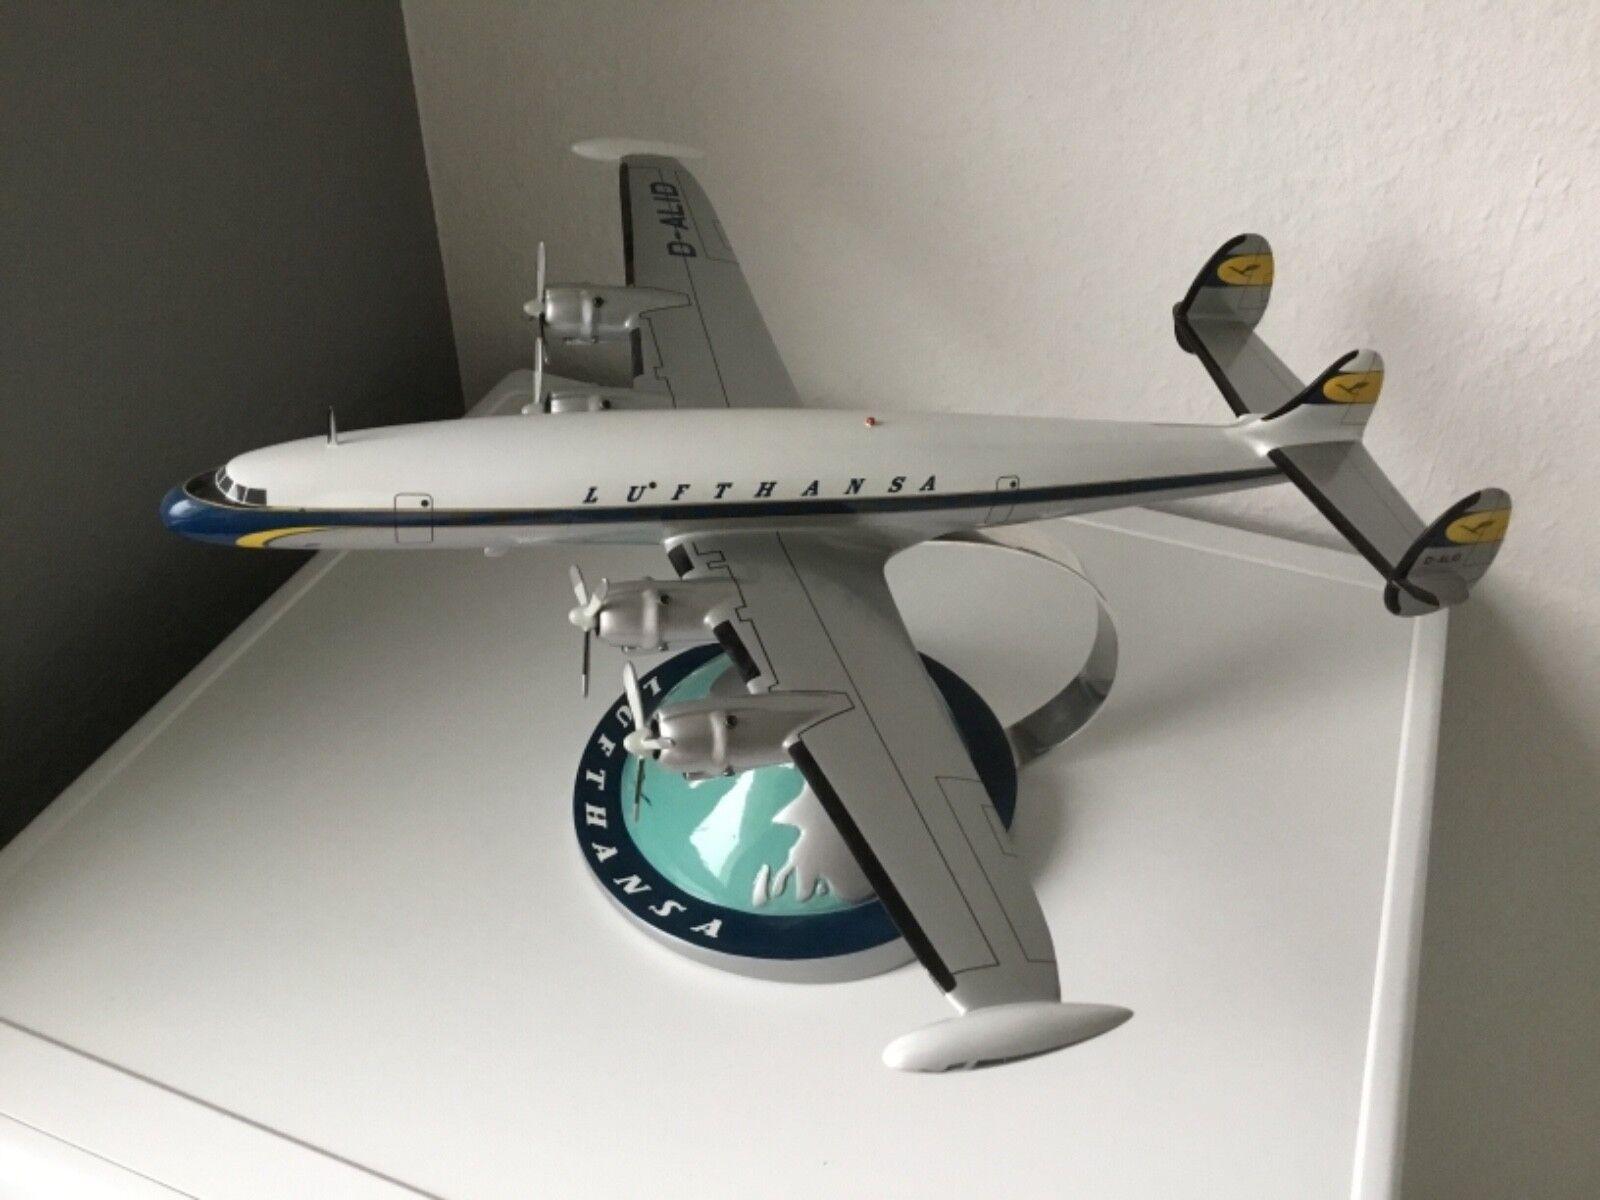 Avion Lufthansa Super Constellation Modèle D'avion De LIMOX